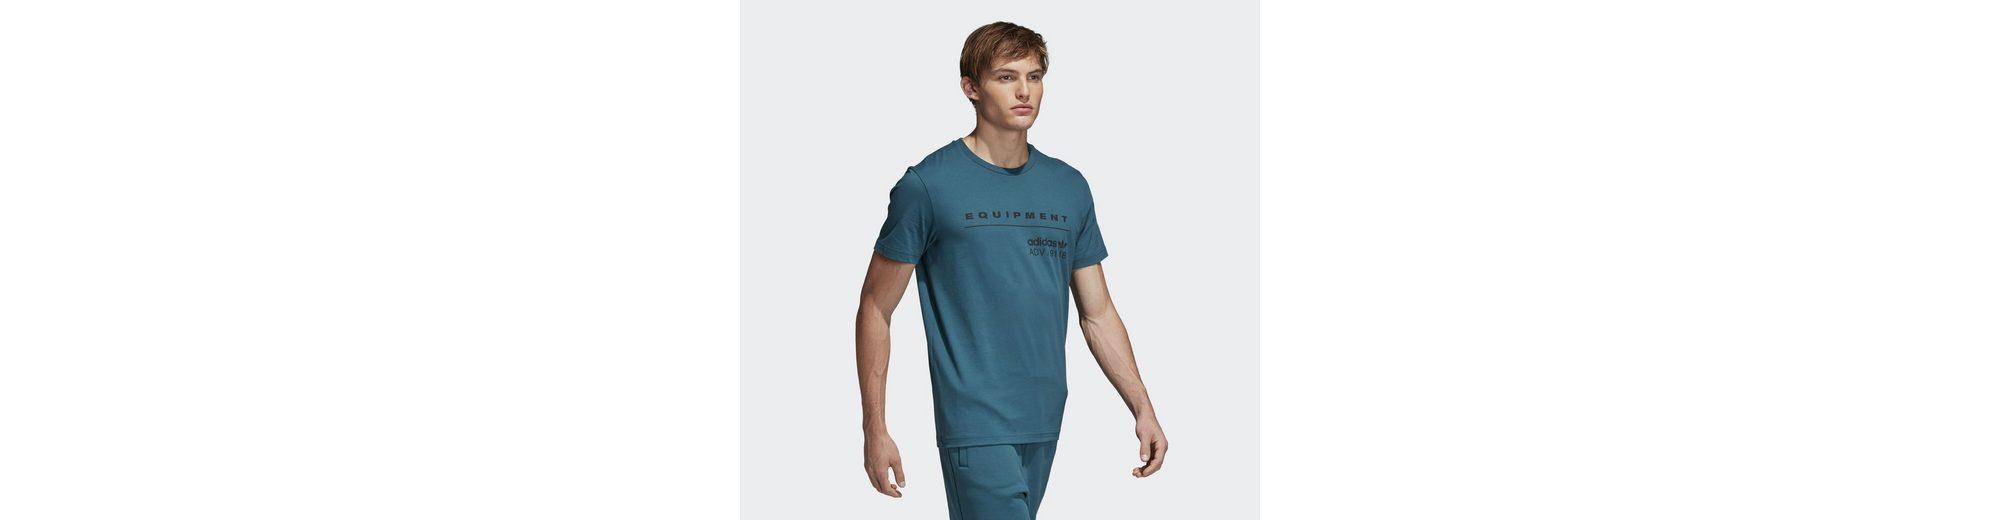 adidas Originals T-Shirt EQT PDX Classic T-Shirt Verkauf Websites NTc7va